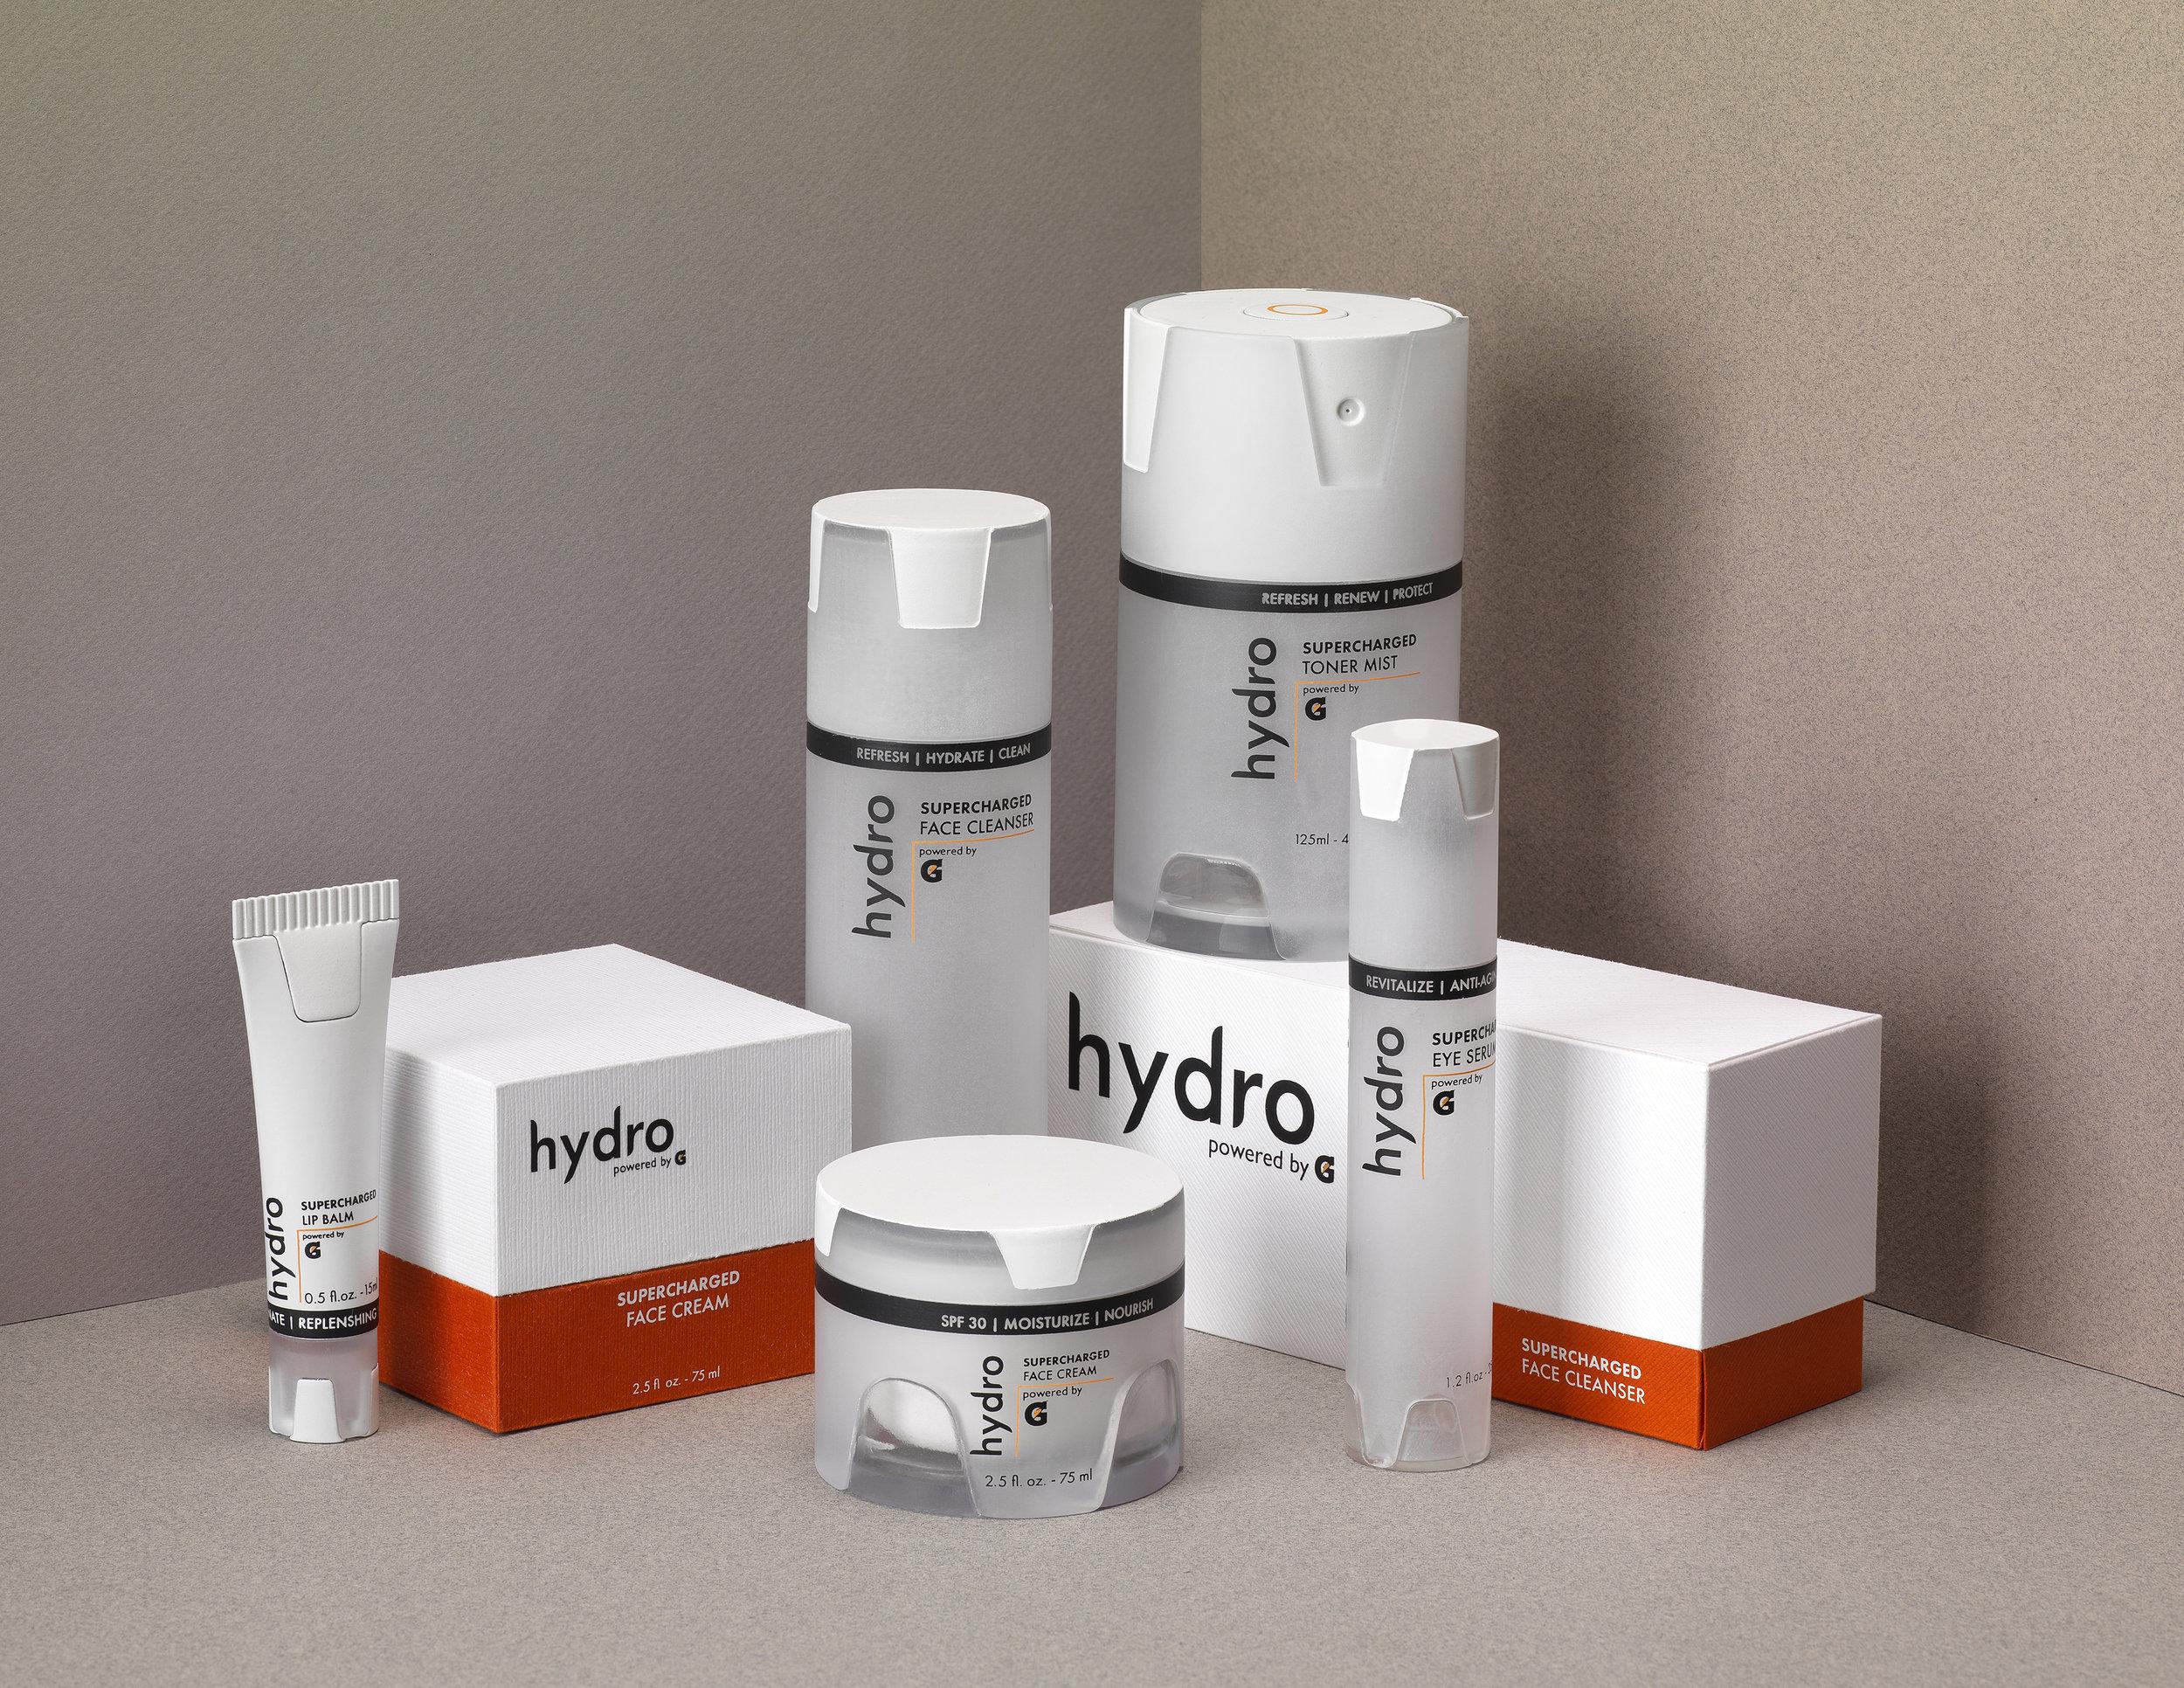 Hydro_06_150ppi_Prog3.jpg